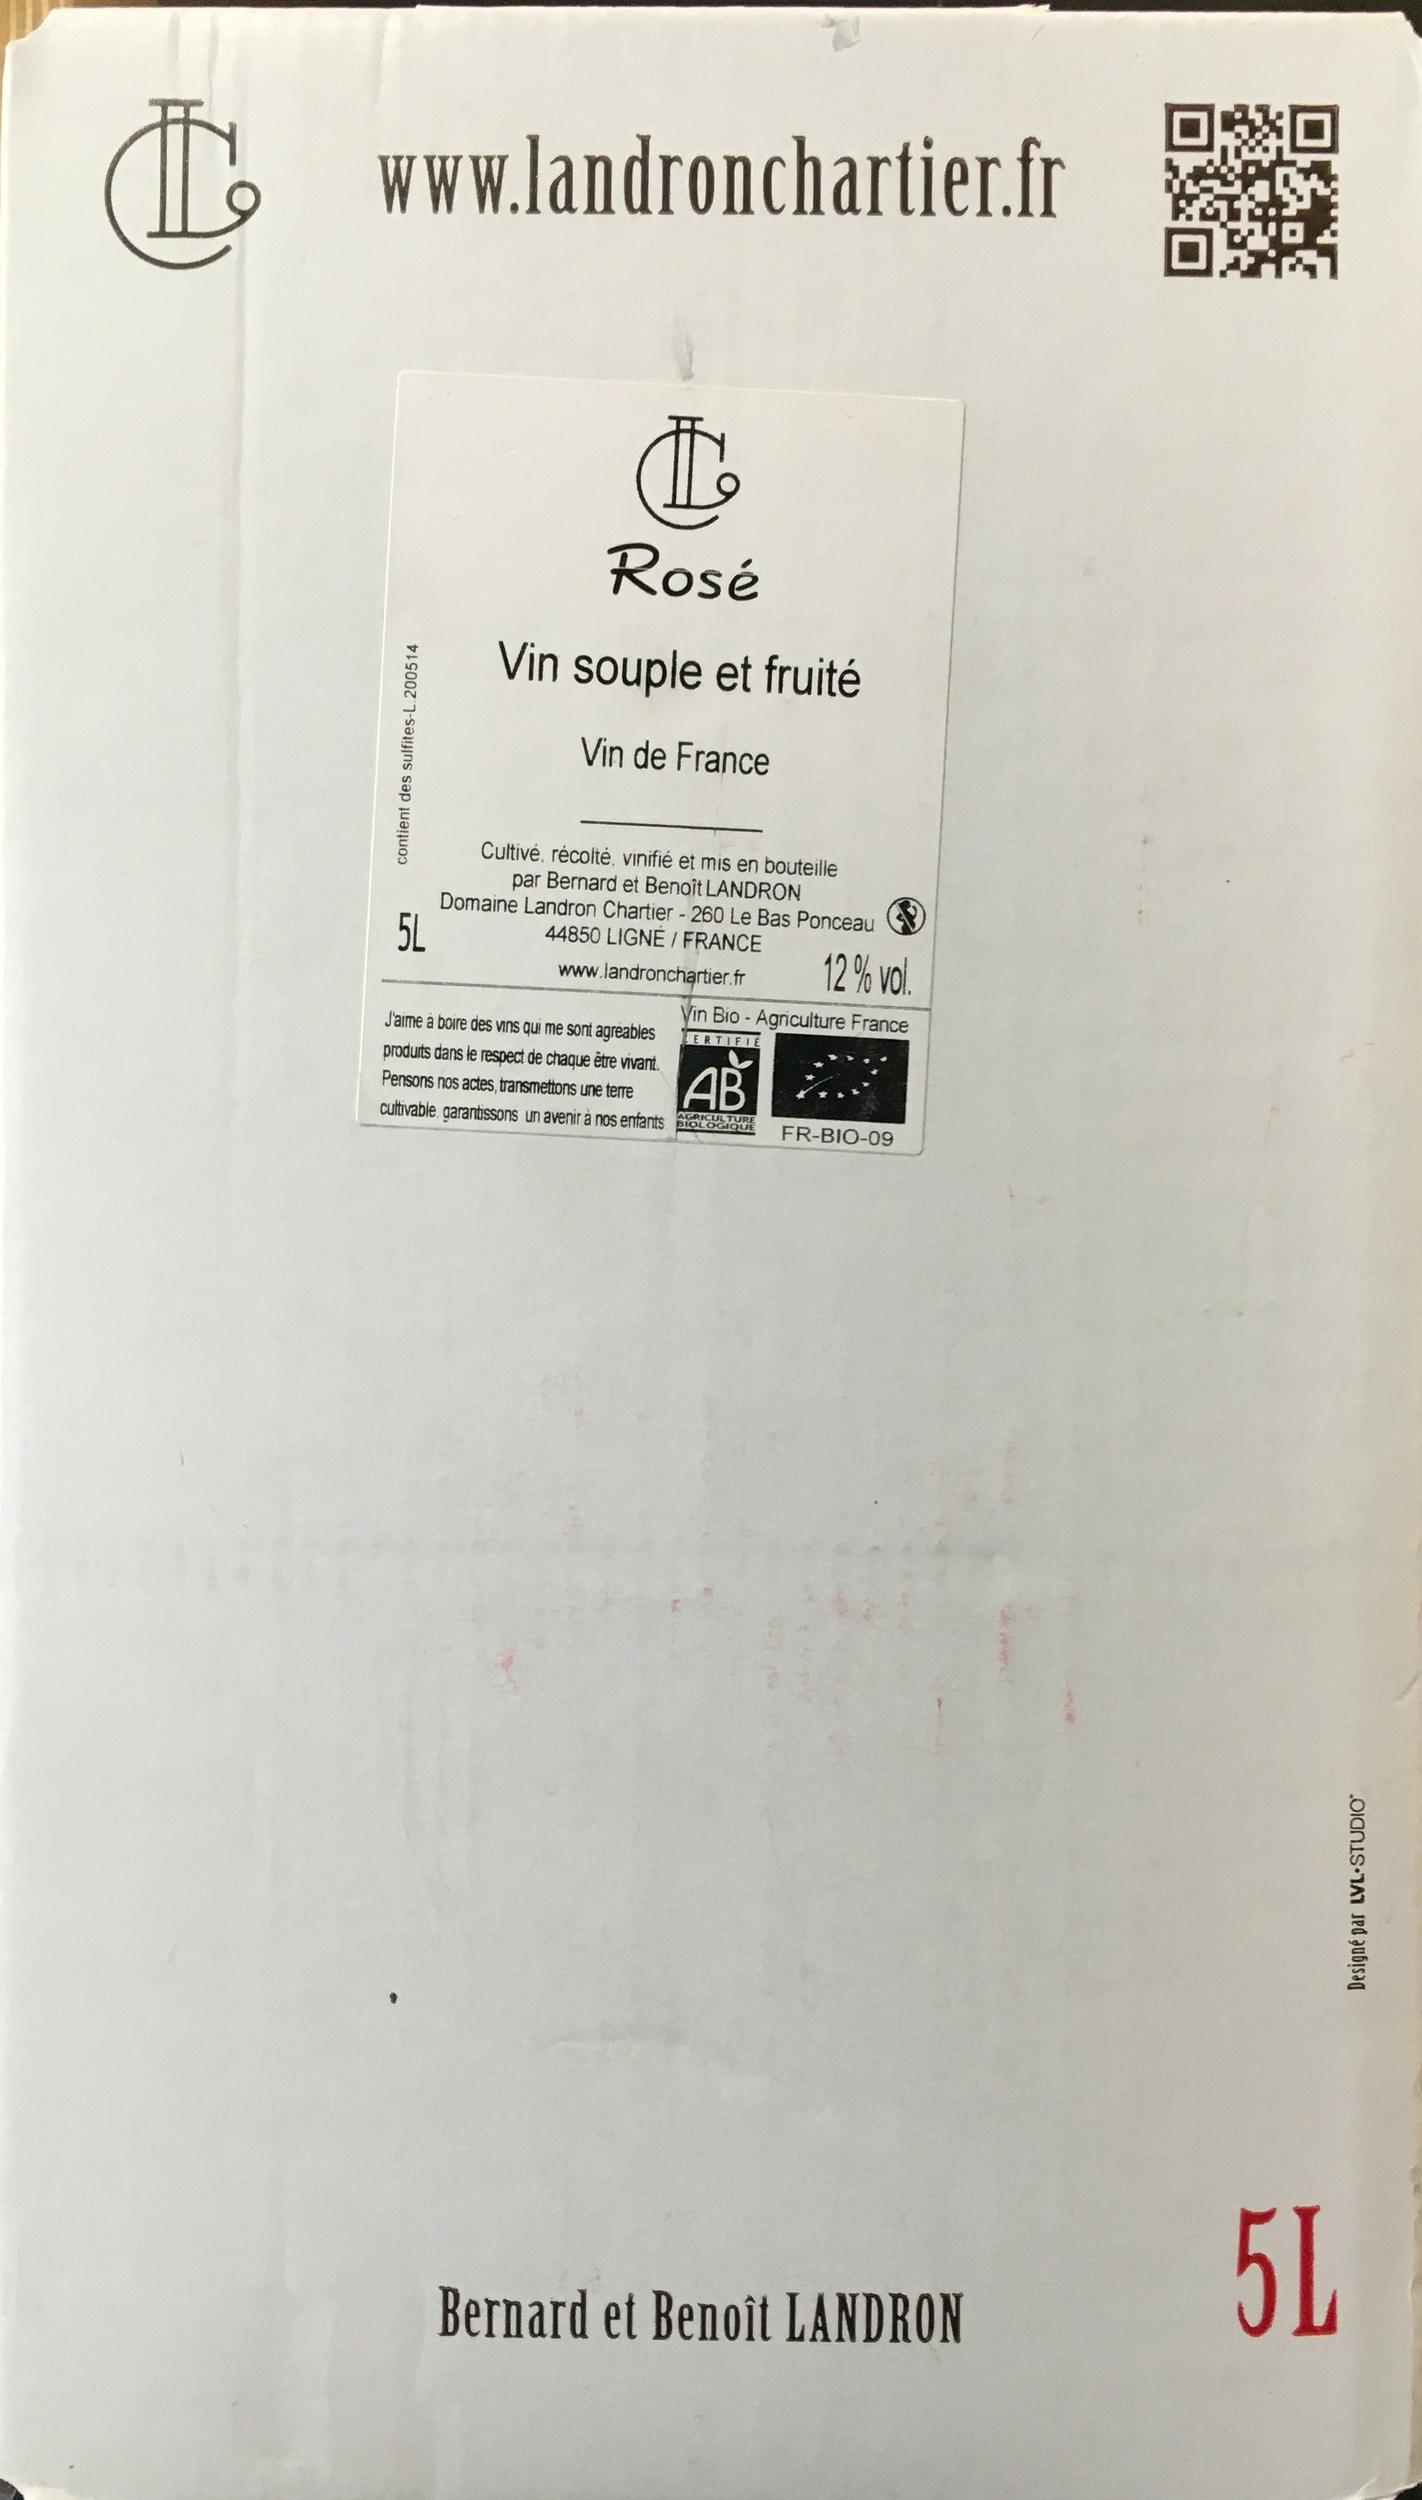 la nouvelle cave.bib rosé.landron chartier.2